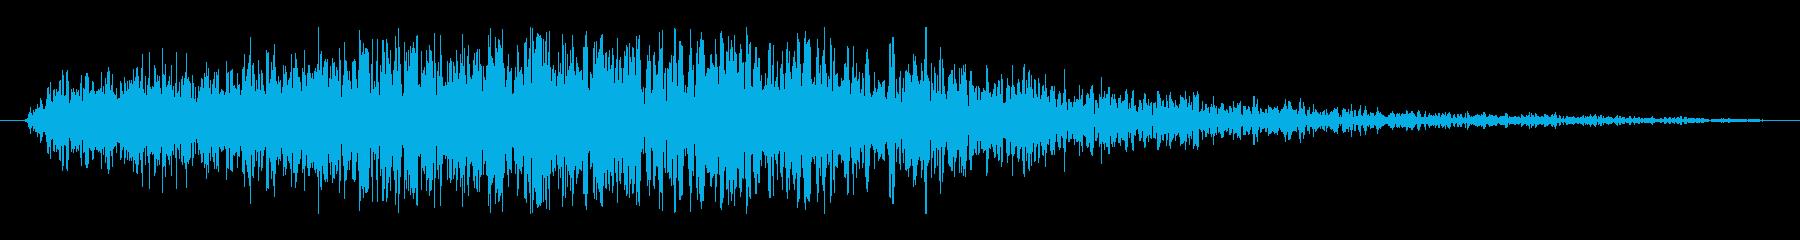 フィクション スペース 未知の危険01の再生済みの波形